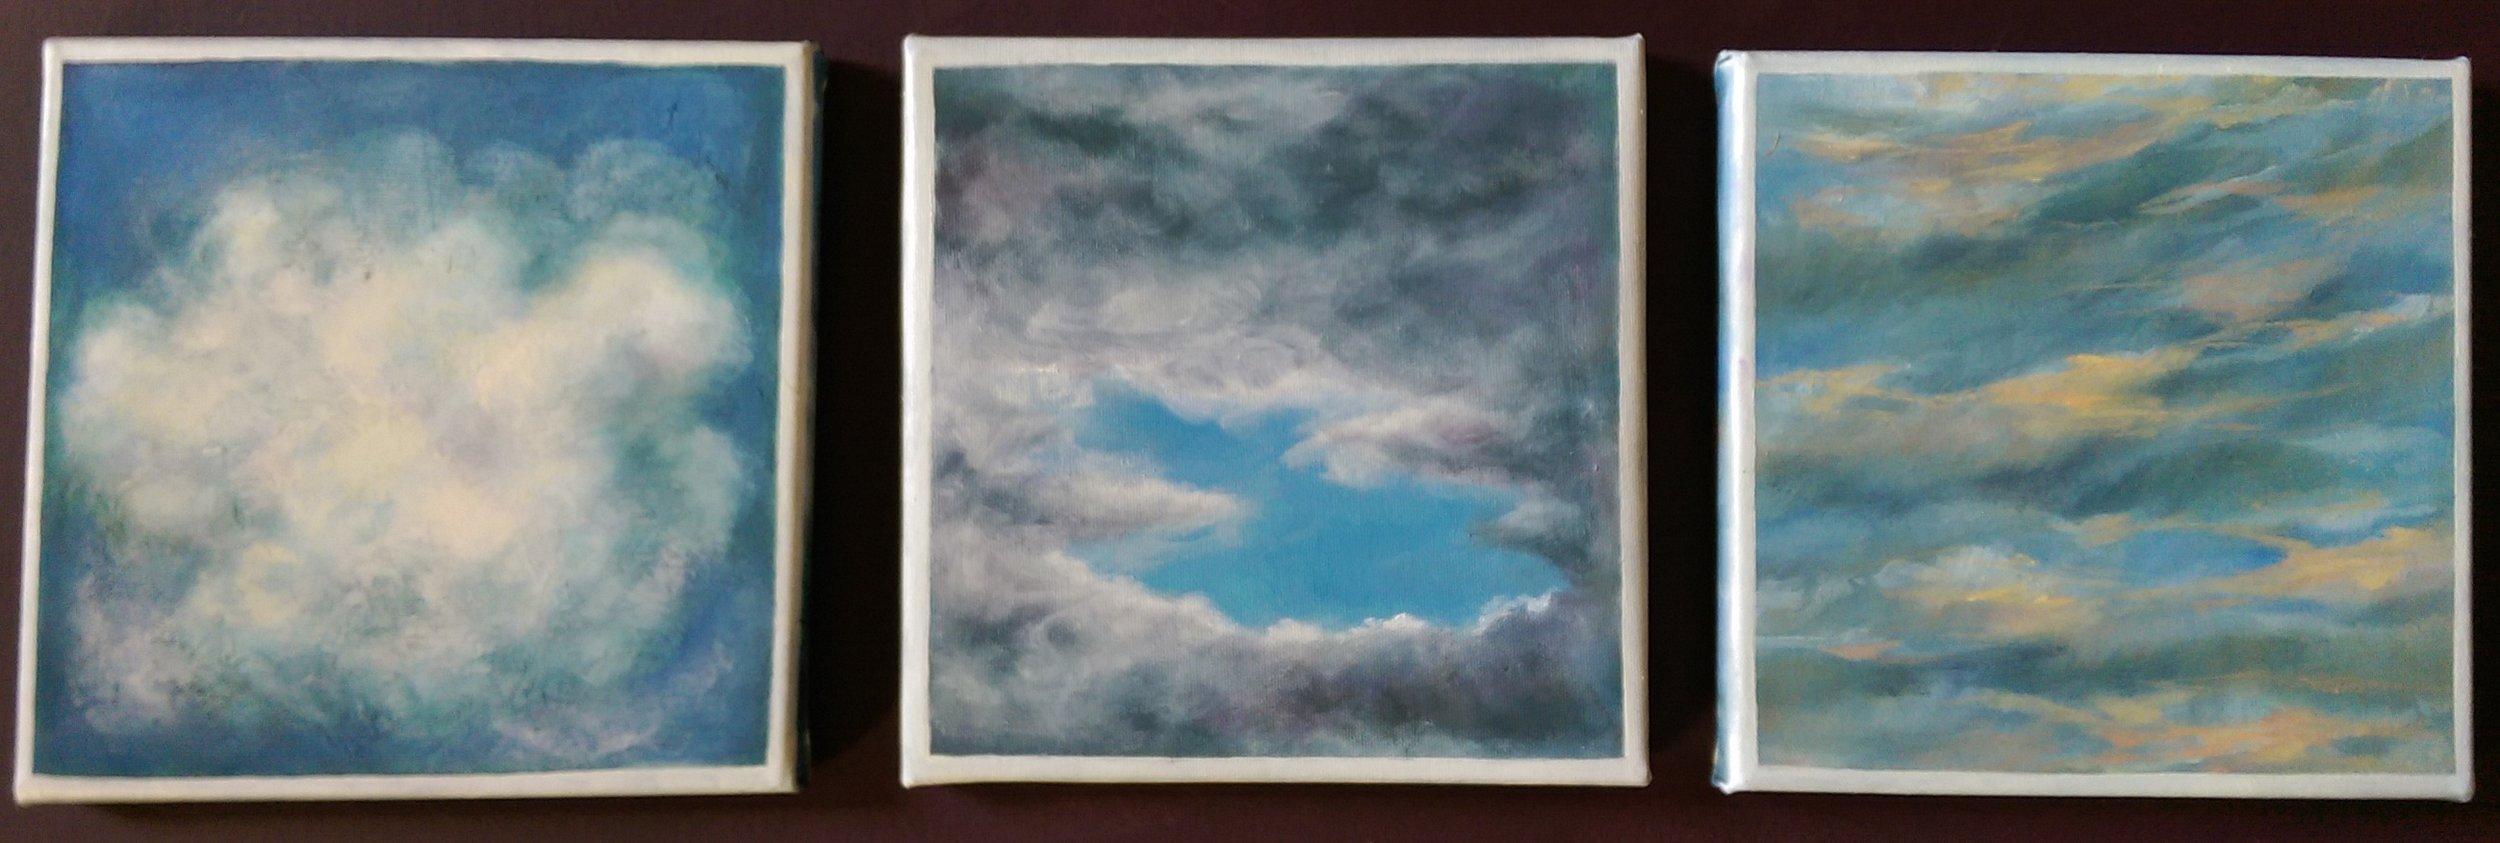 Cloud Series 10- 12, 2018